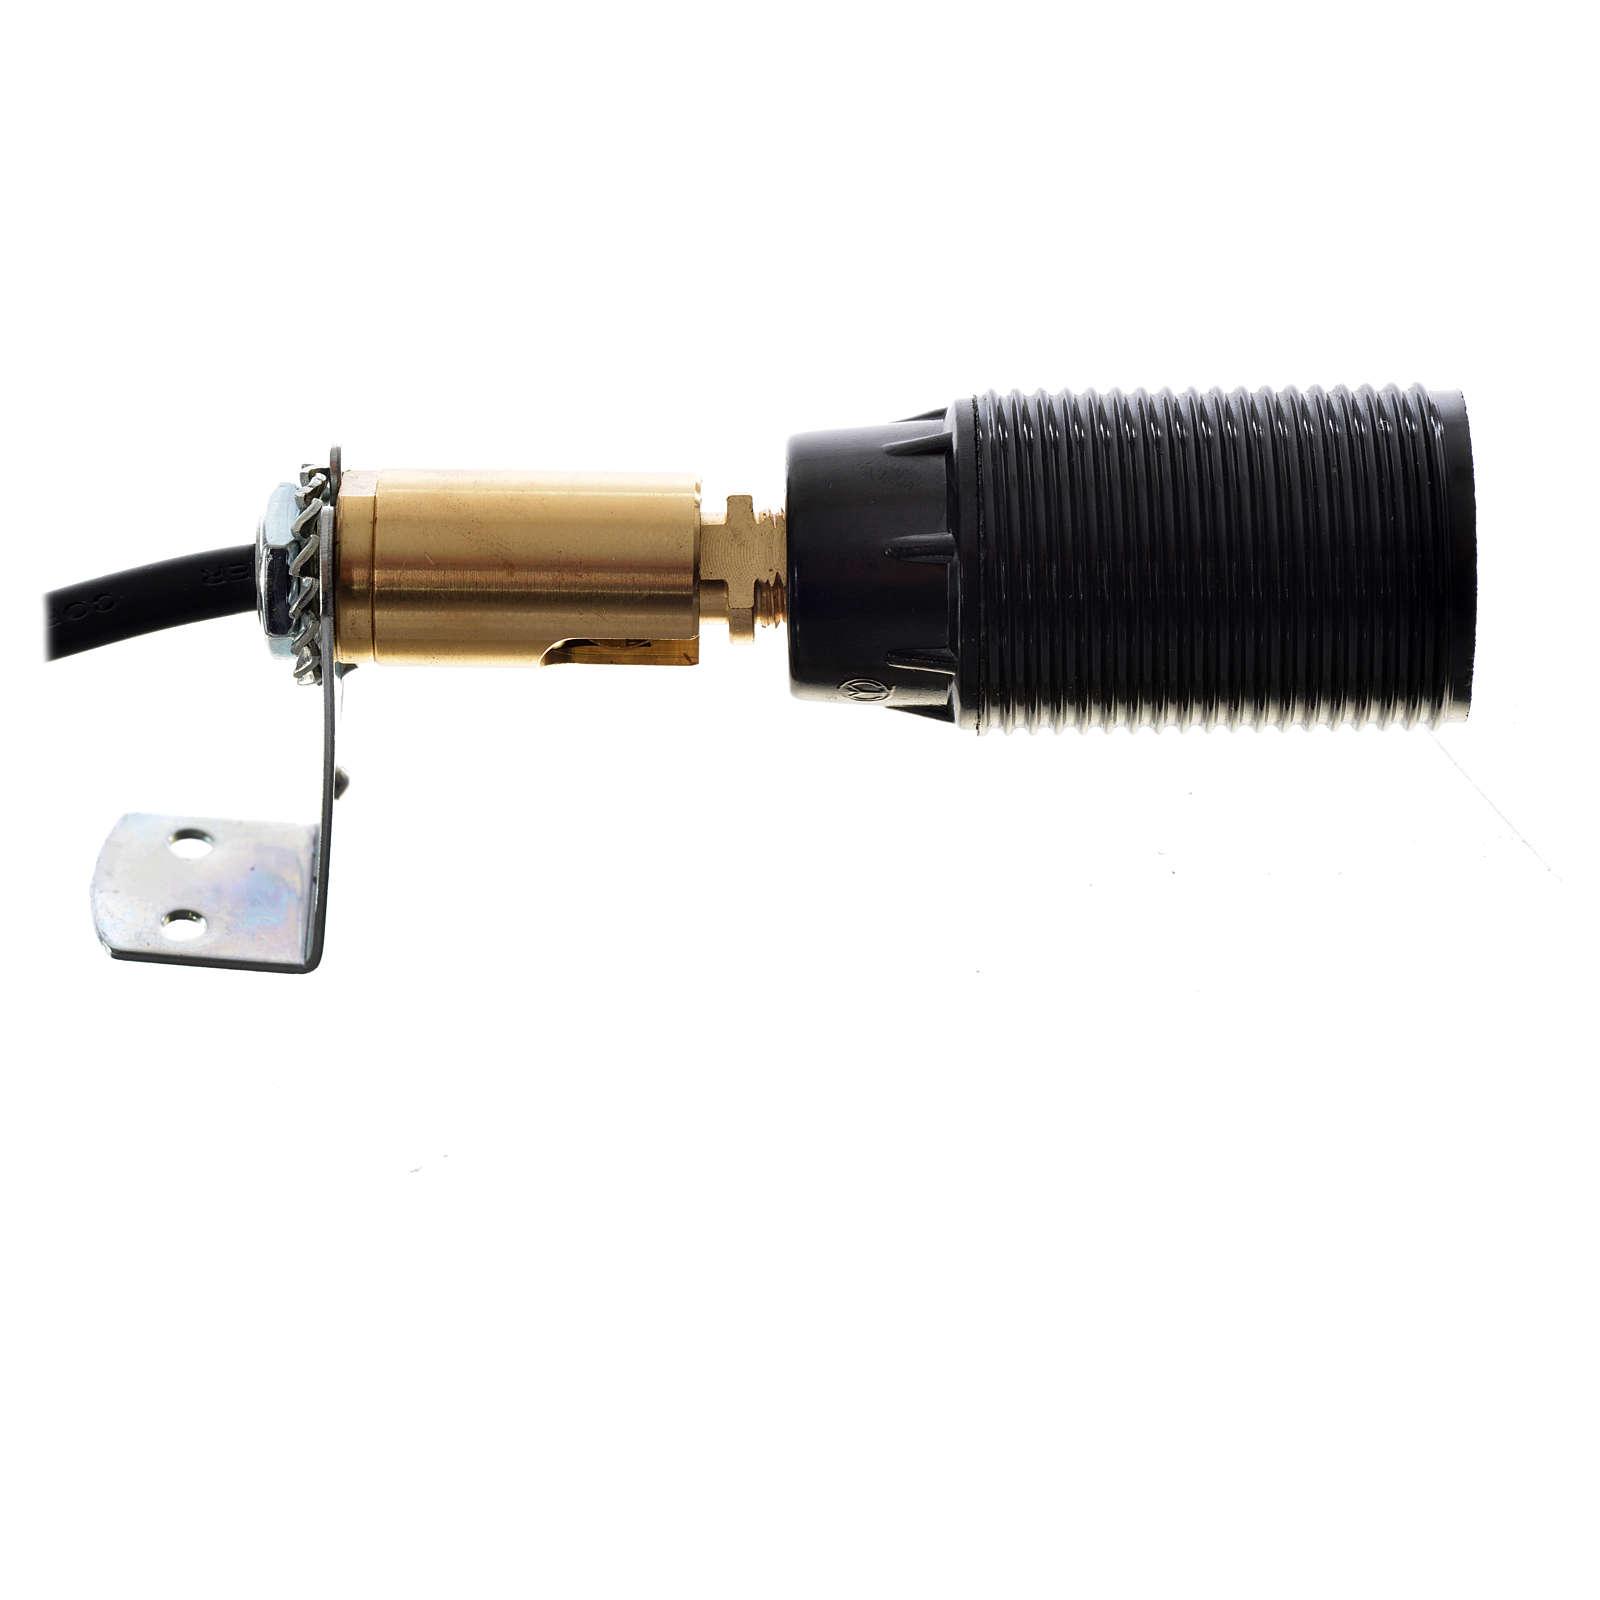 Portalampada attacco E14 con snodo orientabile e cavo aliment. 4